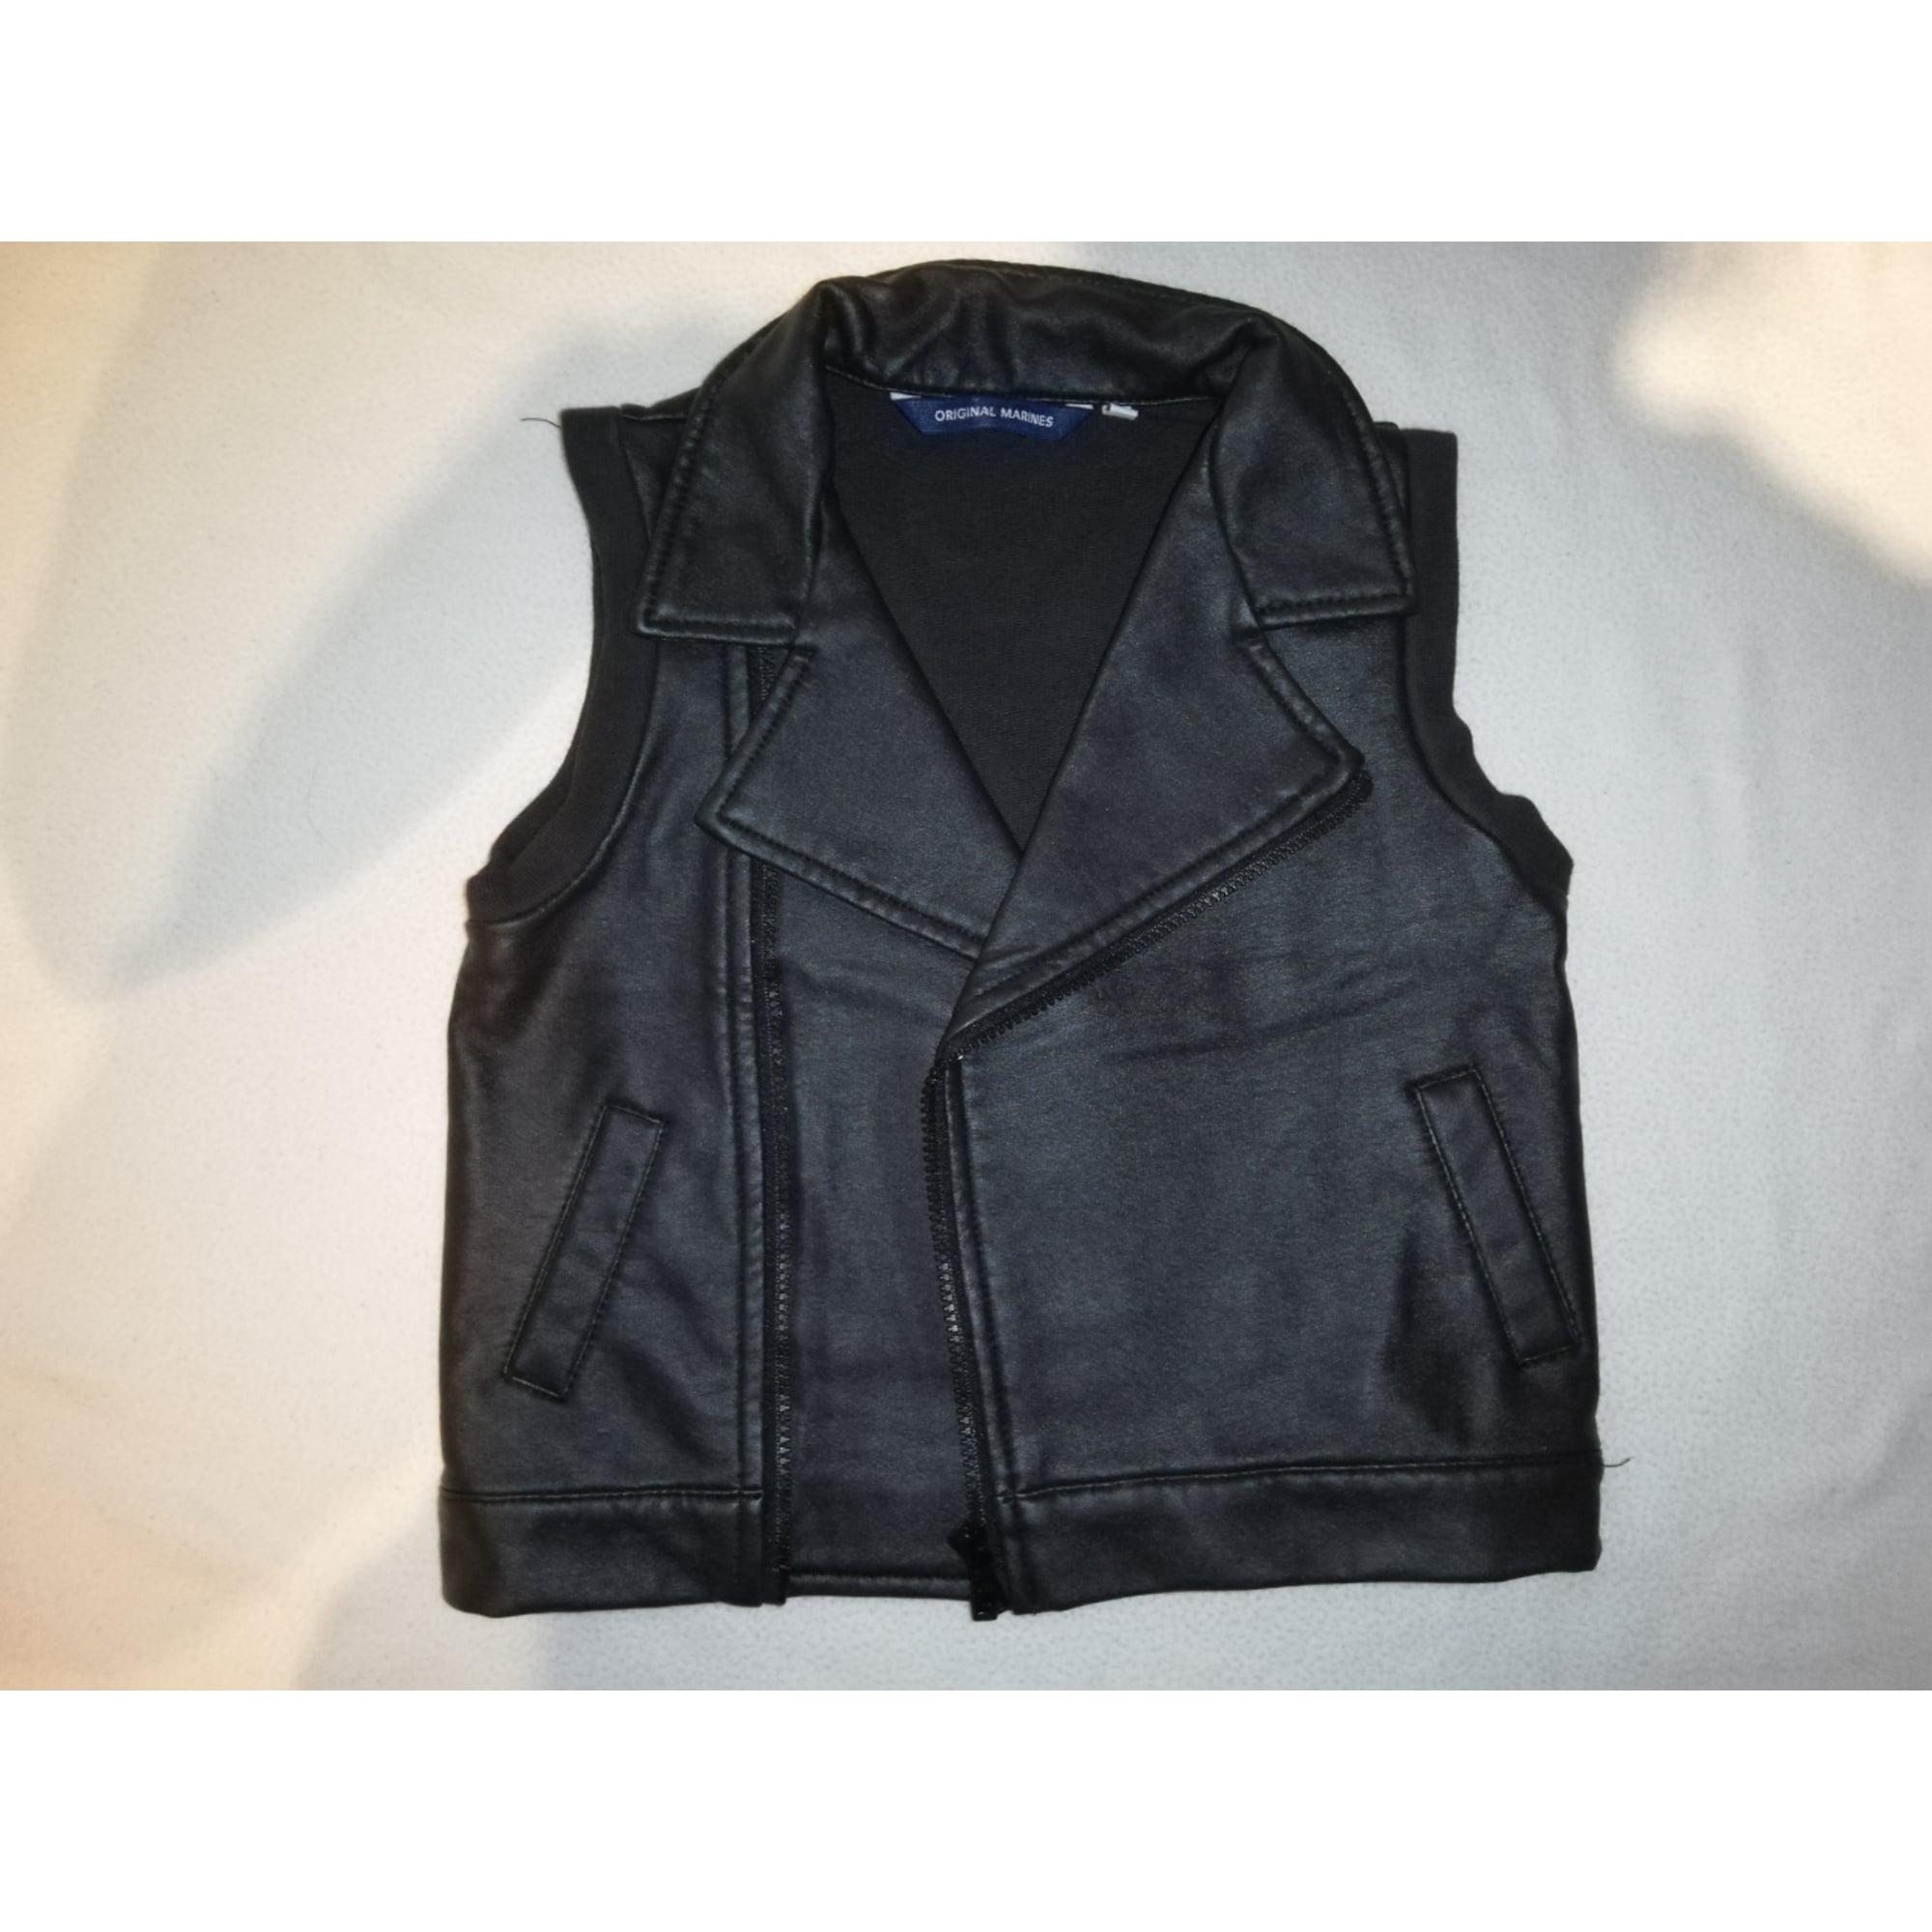 Vest, Cardigan ORIGINAL MARINES Black